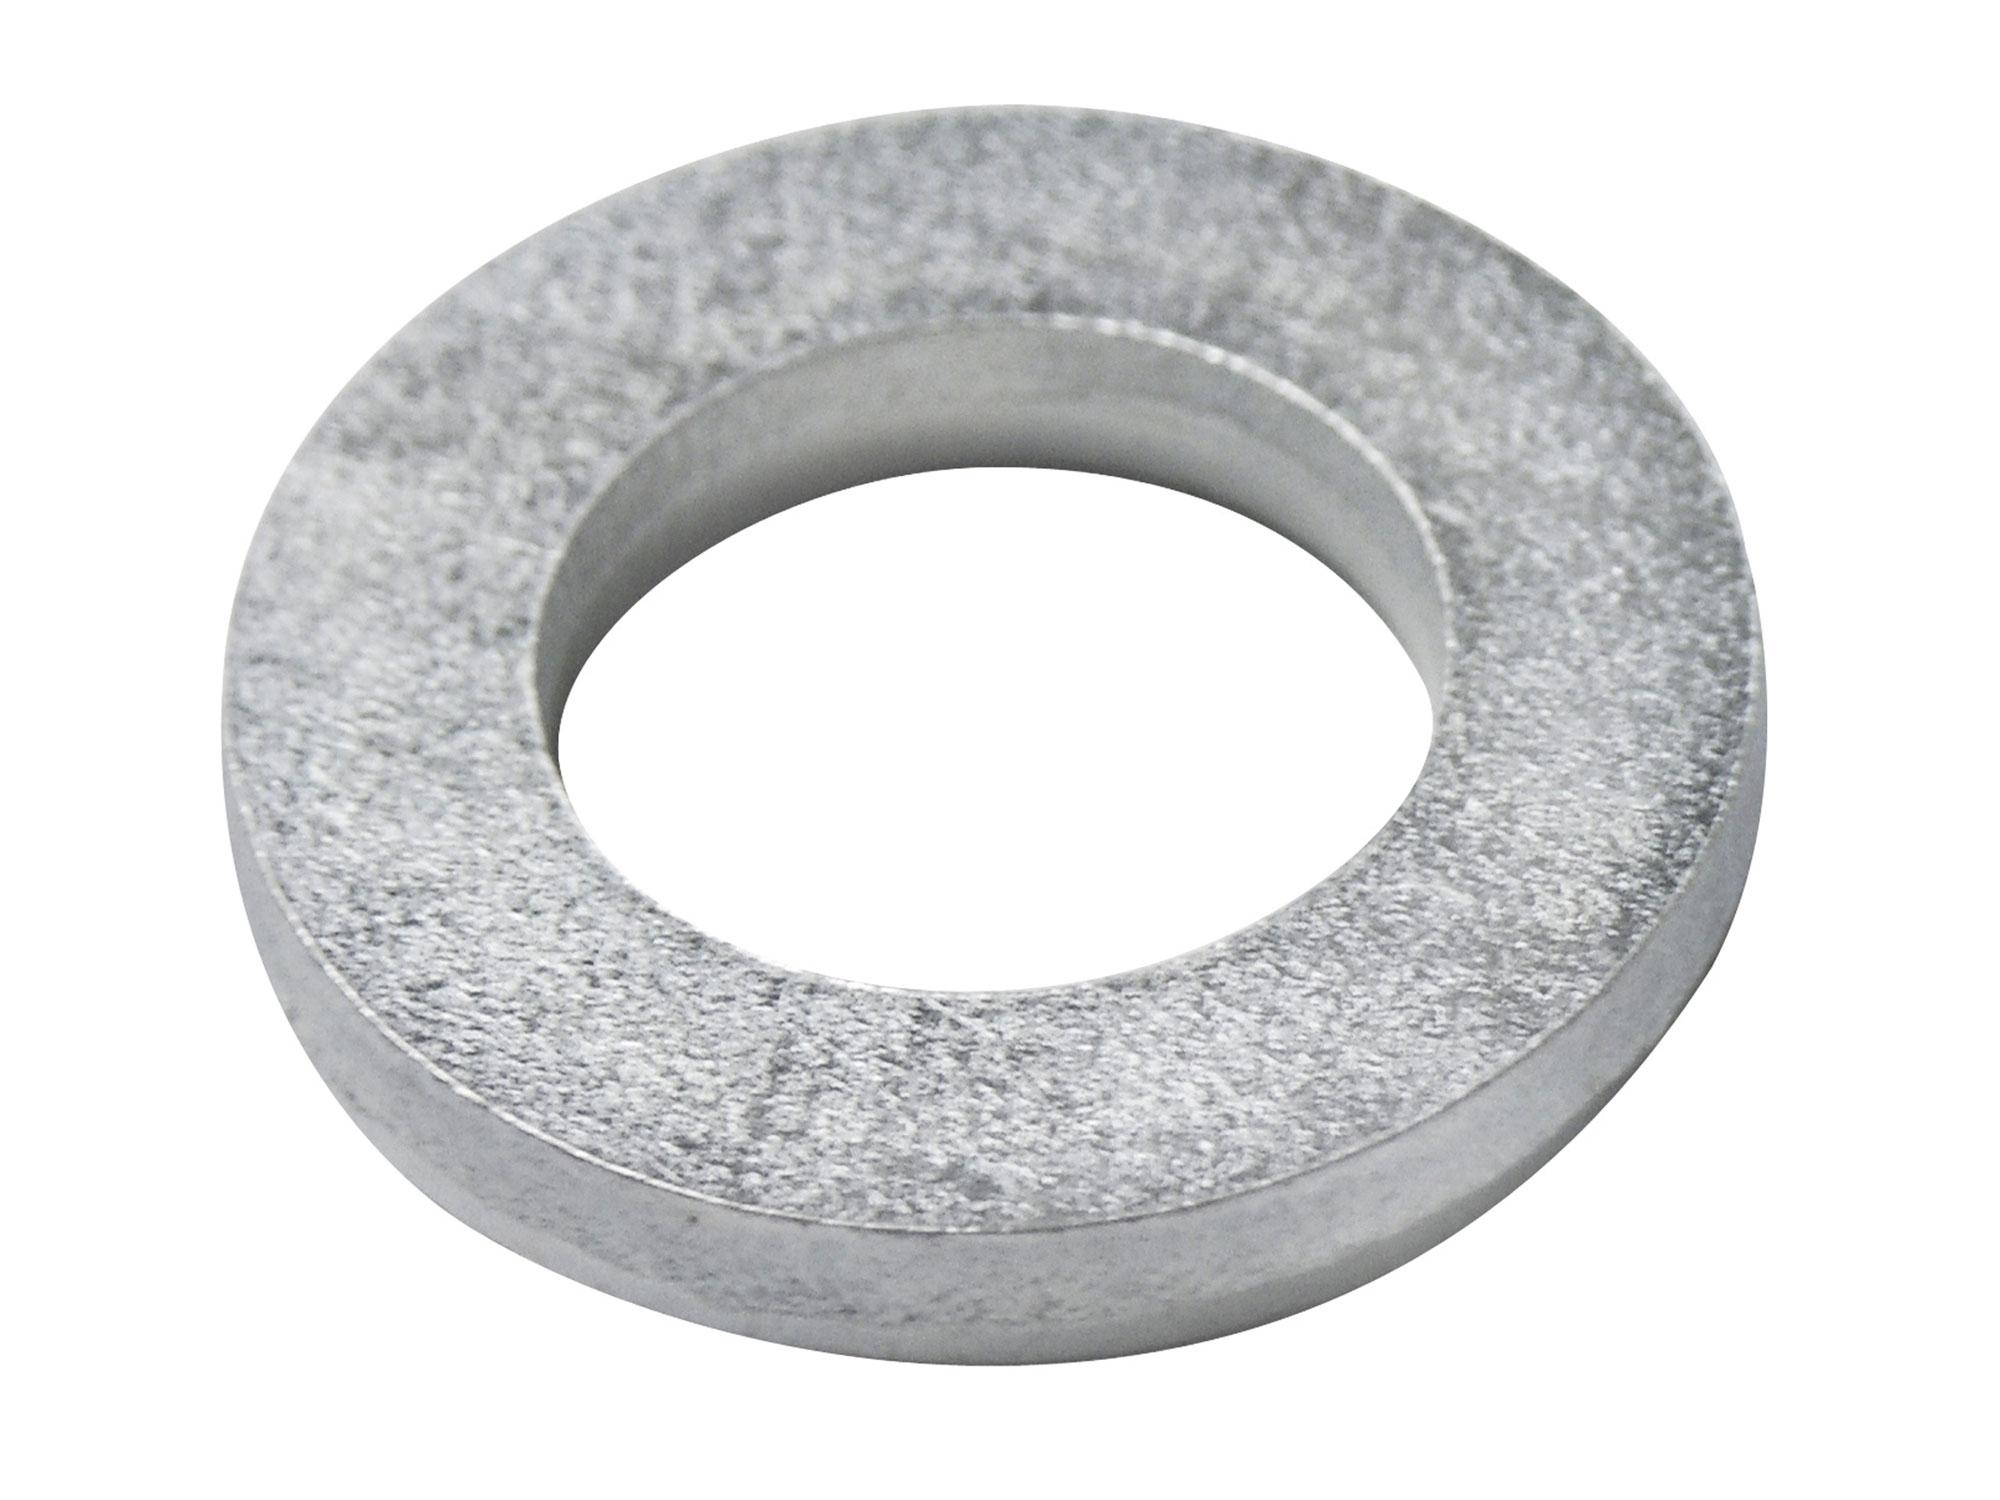 kroužek vkládací, 30x16x2,2mm, 2,2mm, EXTOL PREMIUM 8803293